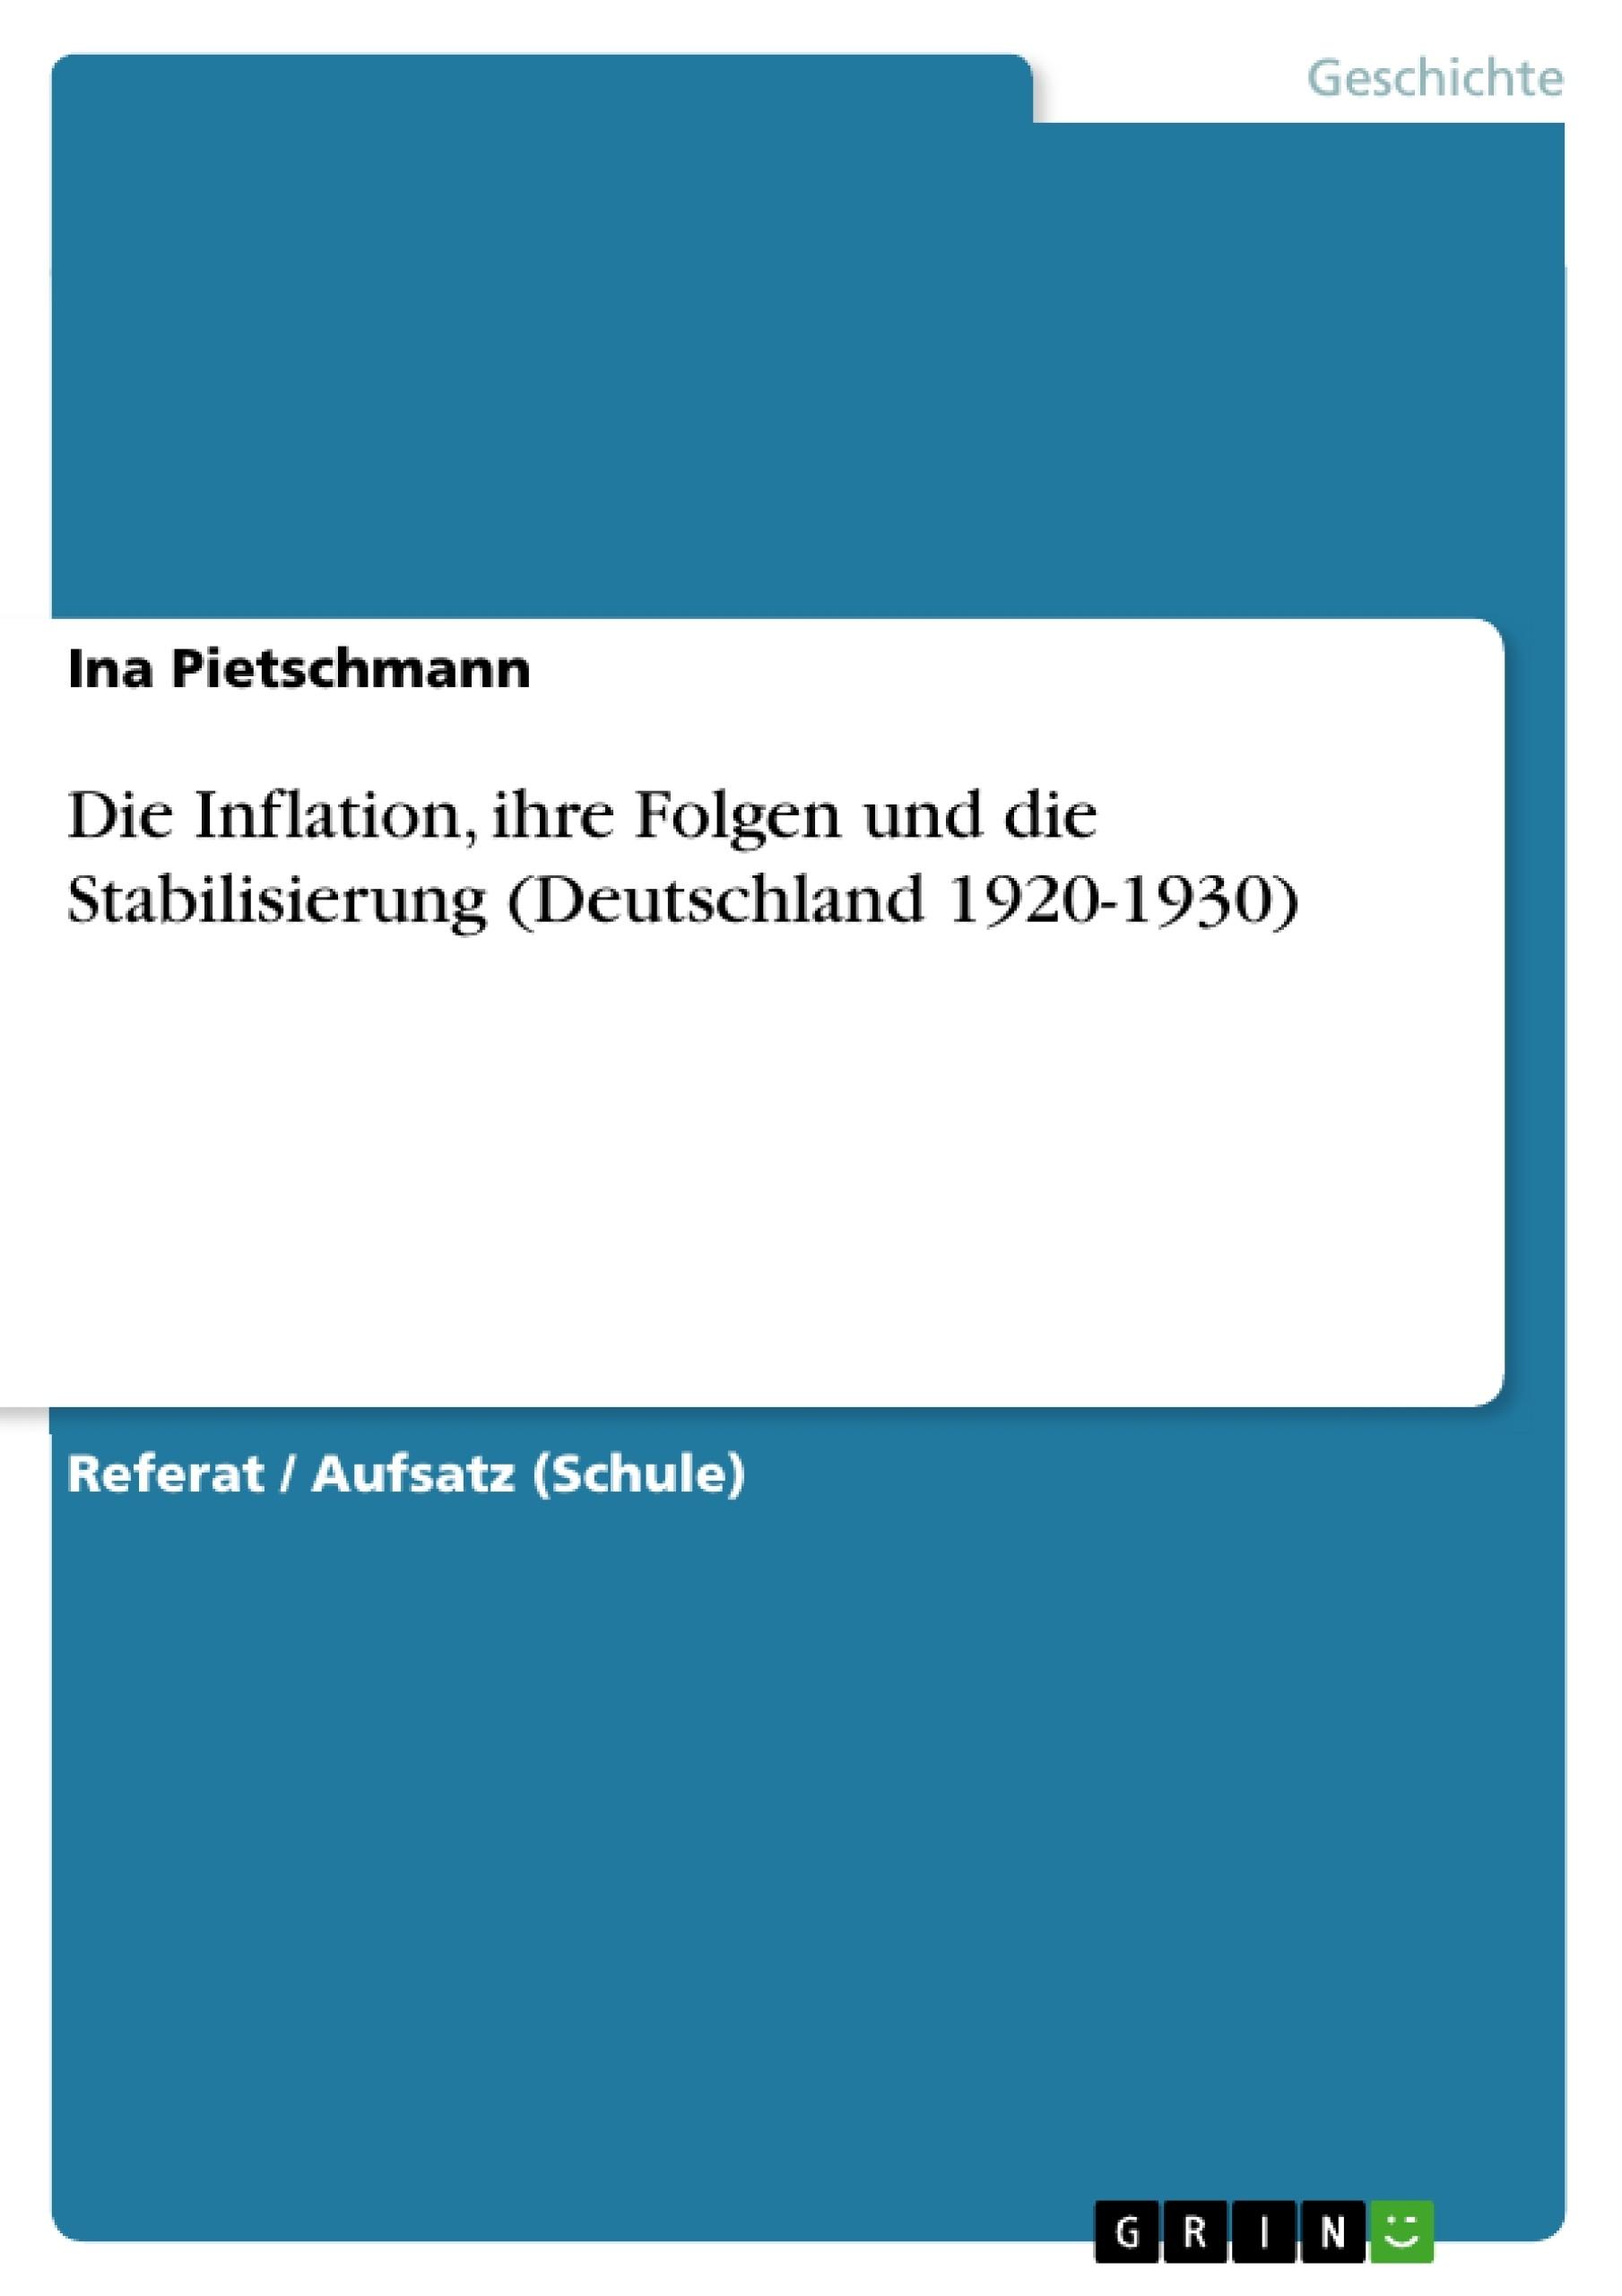 Titel: Die Inflation, ihre Folgen und die Stabilisierung (Deutschland 1920-1930)